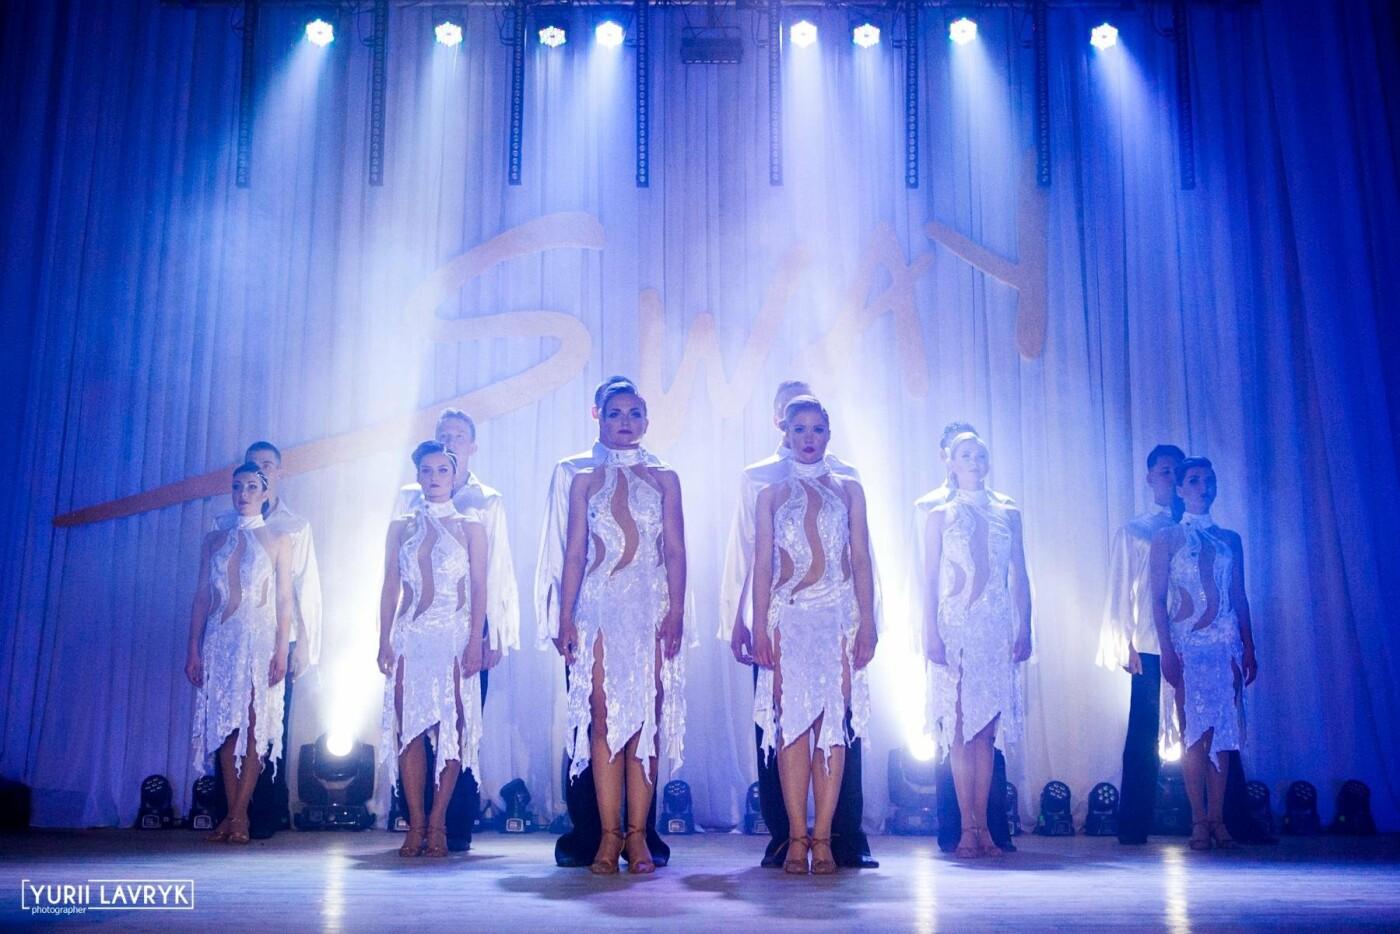 Хореографический коллектив Сумского НАУ отпраздновал свой День рождения грандиозным концертом, фото-1